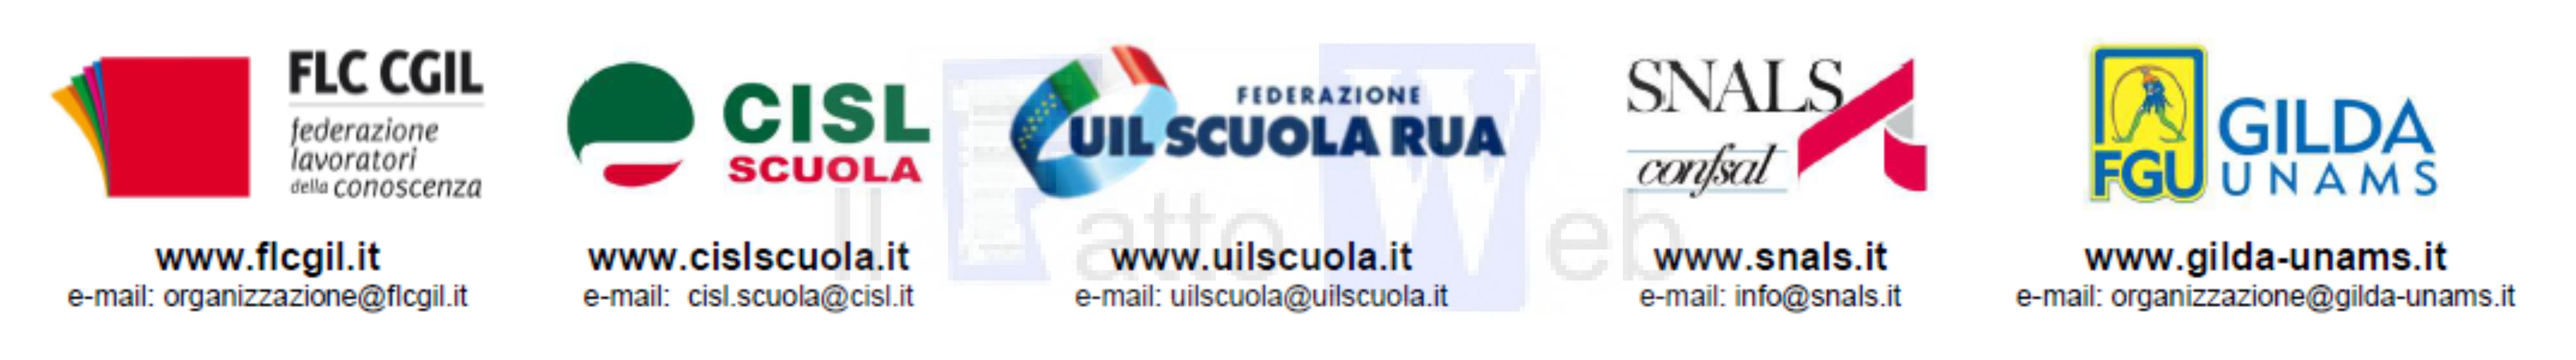 """I sindacati della Scuola si uniscono per dire """"No al precariato"""": a Catania sit-in davanti alla Prefettura"""